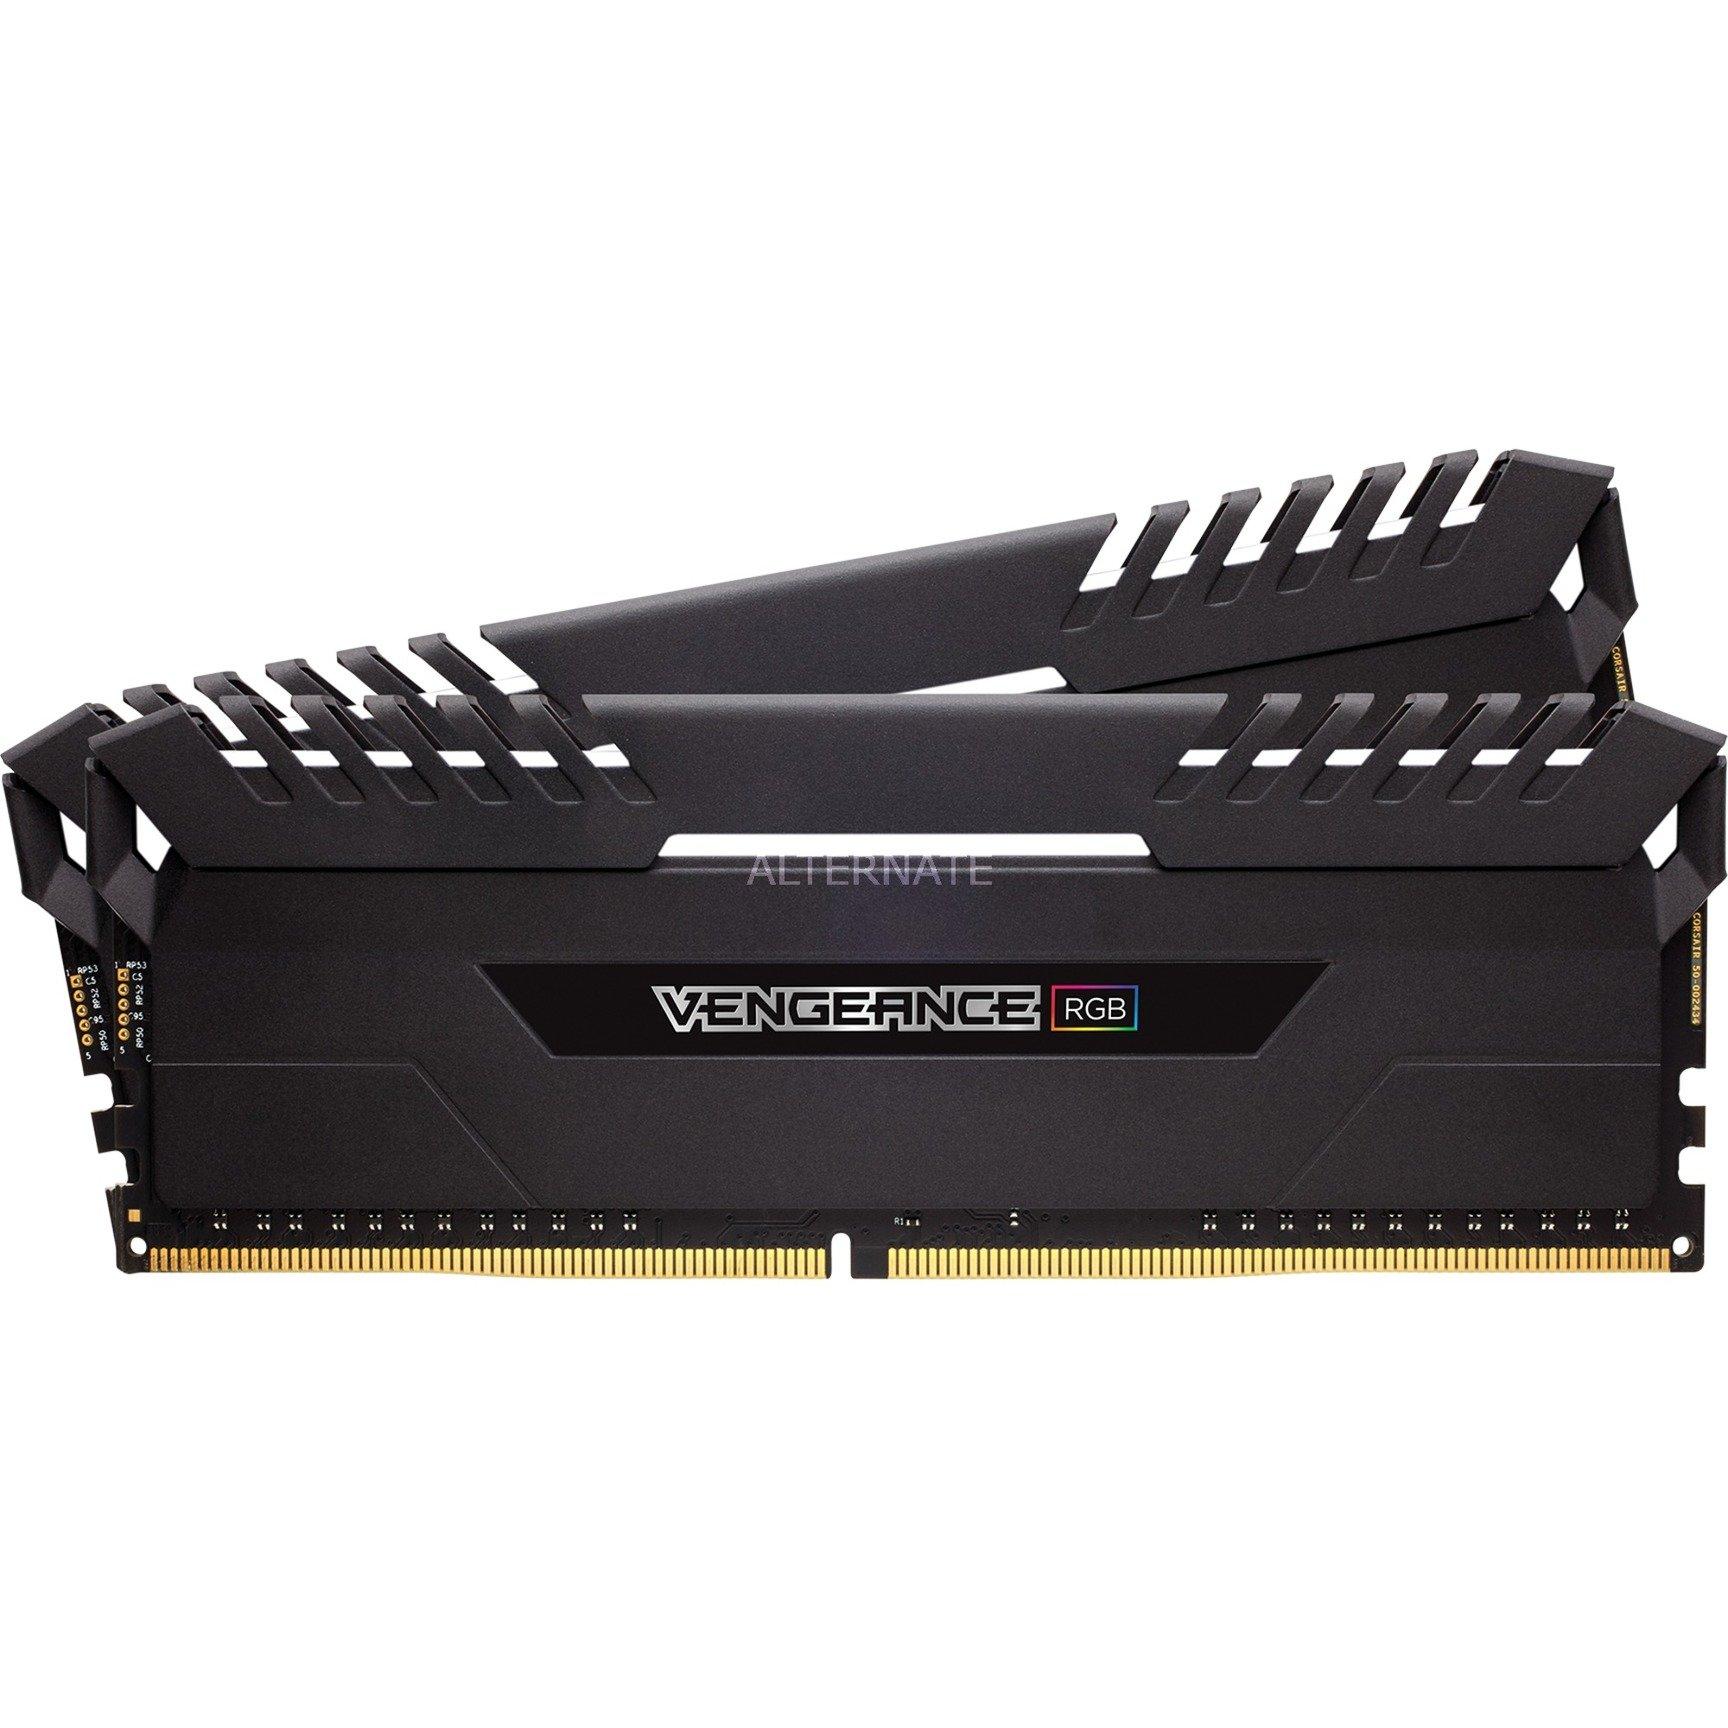 Vengeance CMR16GX4M2C3000C15 16Go DDR4 3000MHz module de mémoire